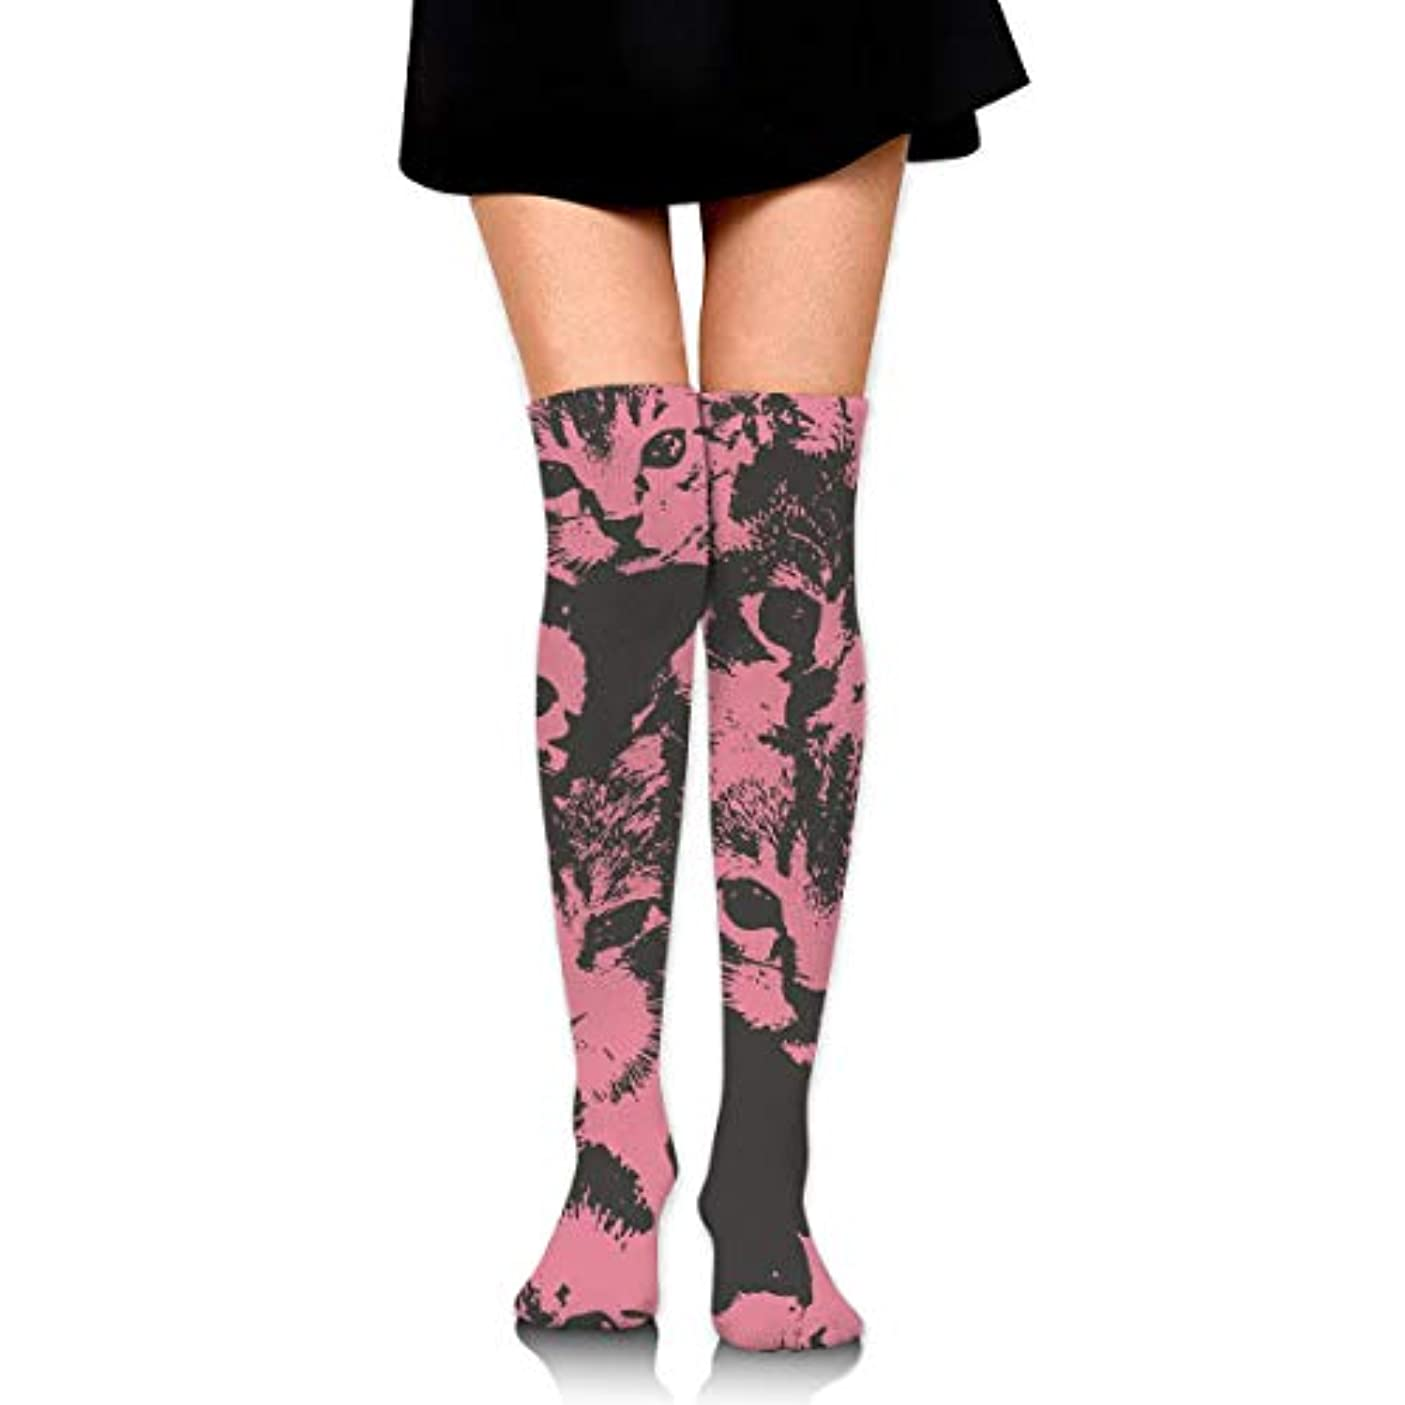 浪費郡スチュワーデスMKLOS 通気性 圧縮ソックス Breathable Thigh High Socks Over Exotic Psychedelic Print Compression High Tube Thigh Boot Stockings...